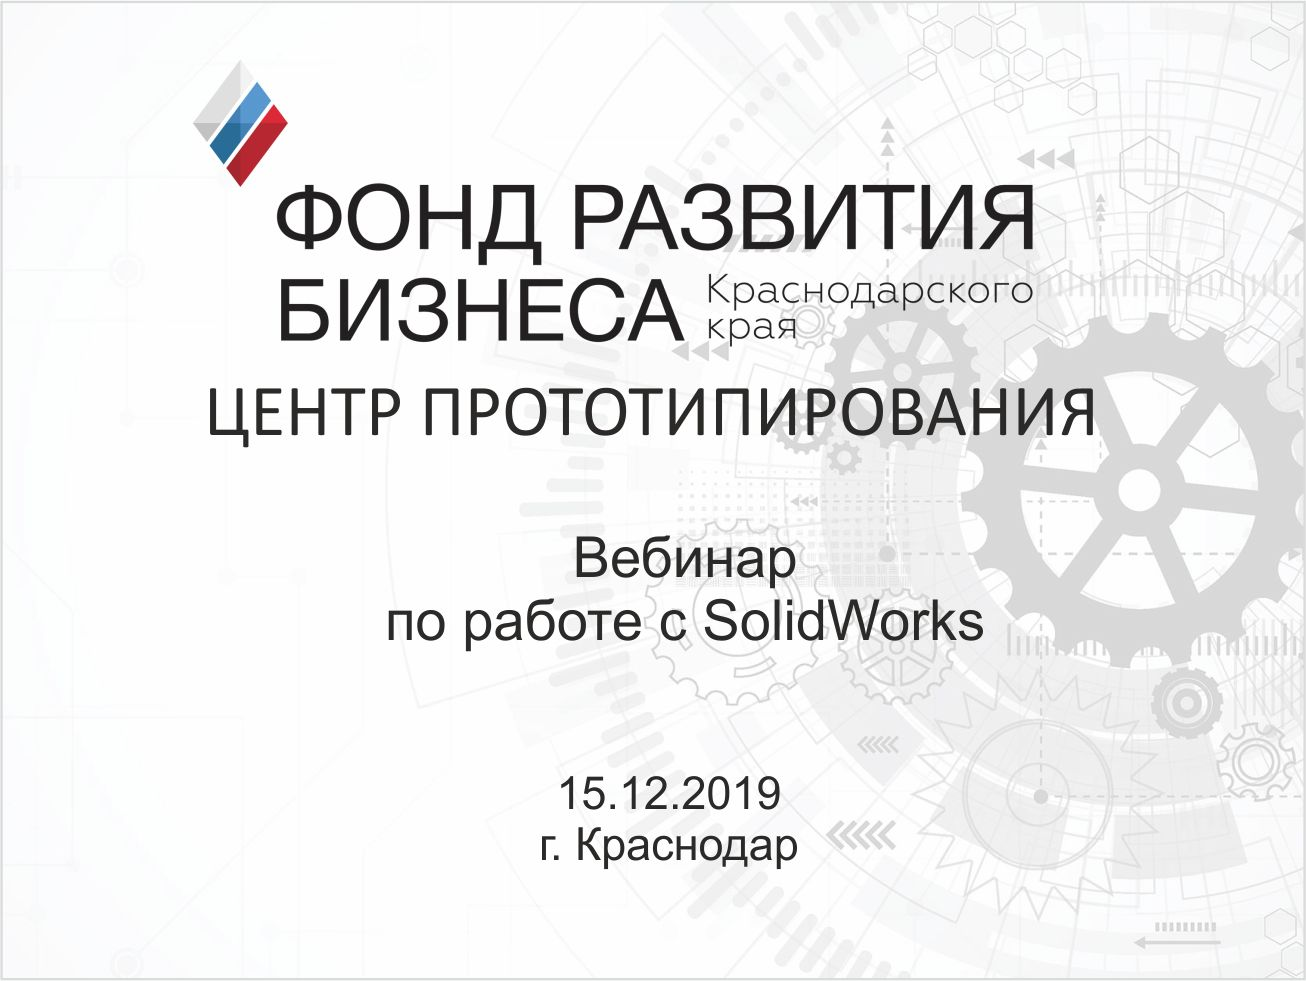 Вебинар по работе с SolidWorks